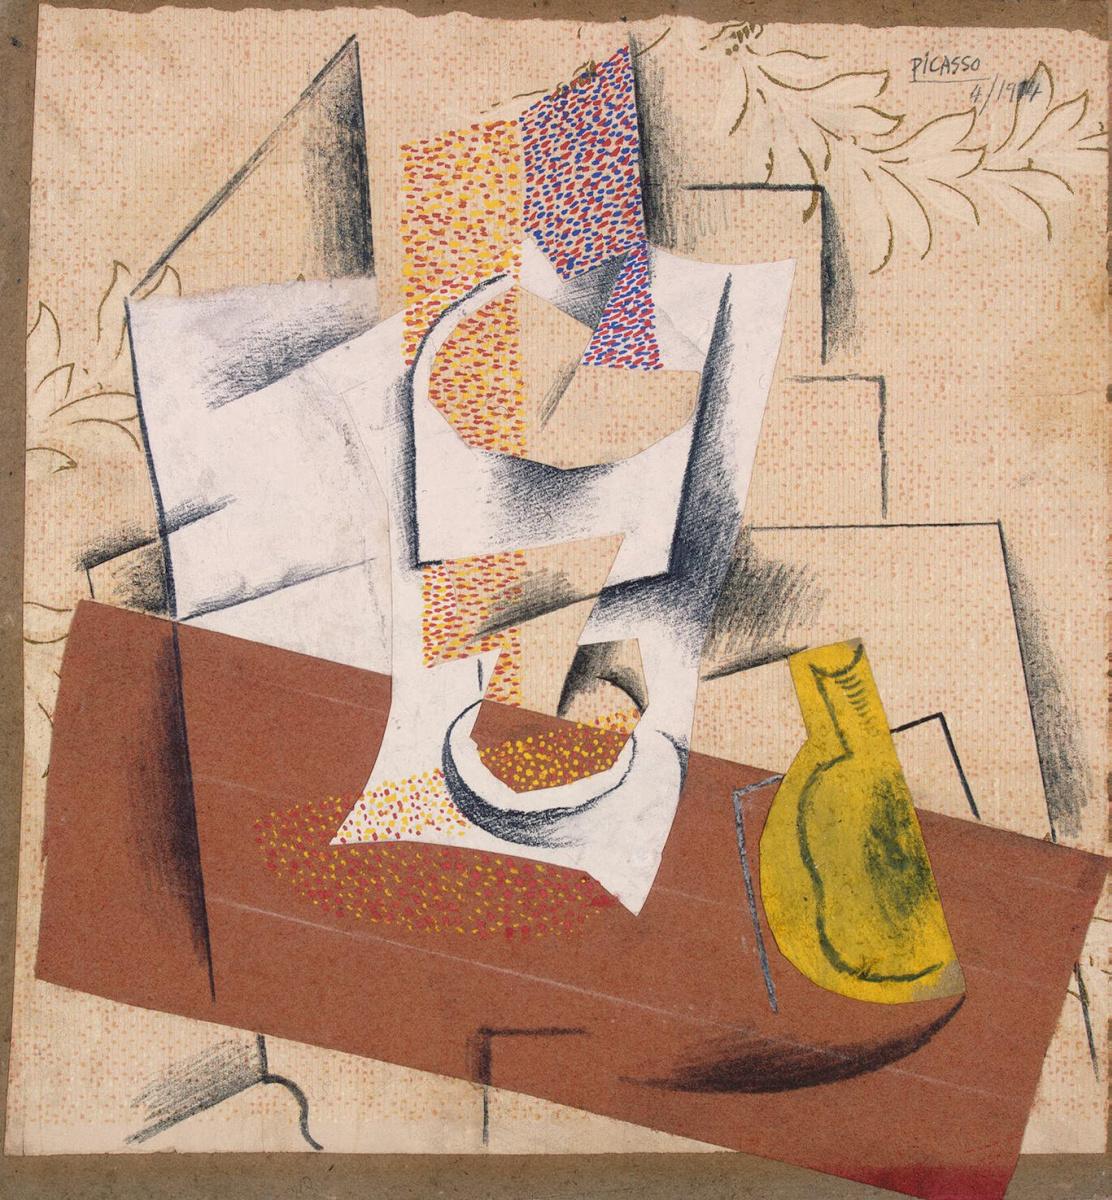 Пабло Пикассо. Композиция с разрезанной грушей